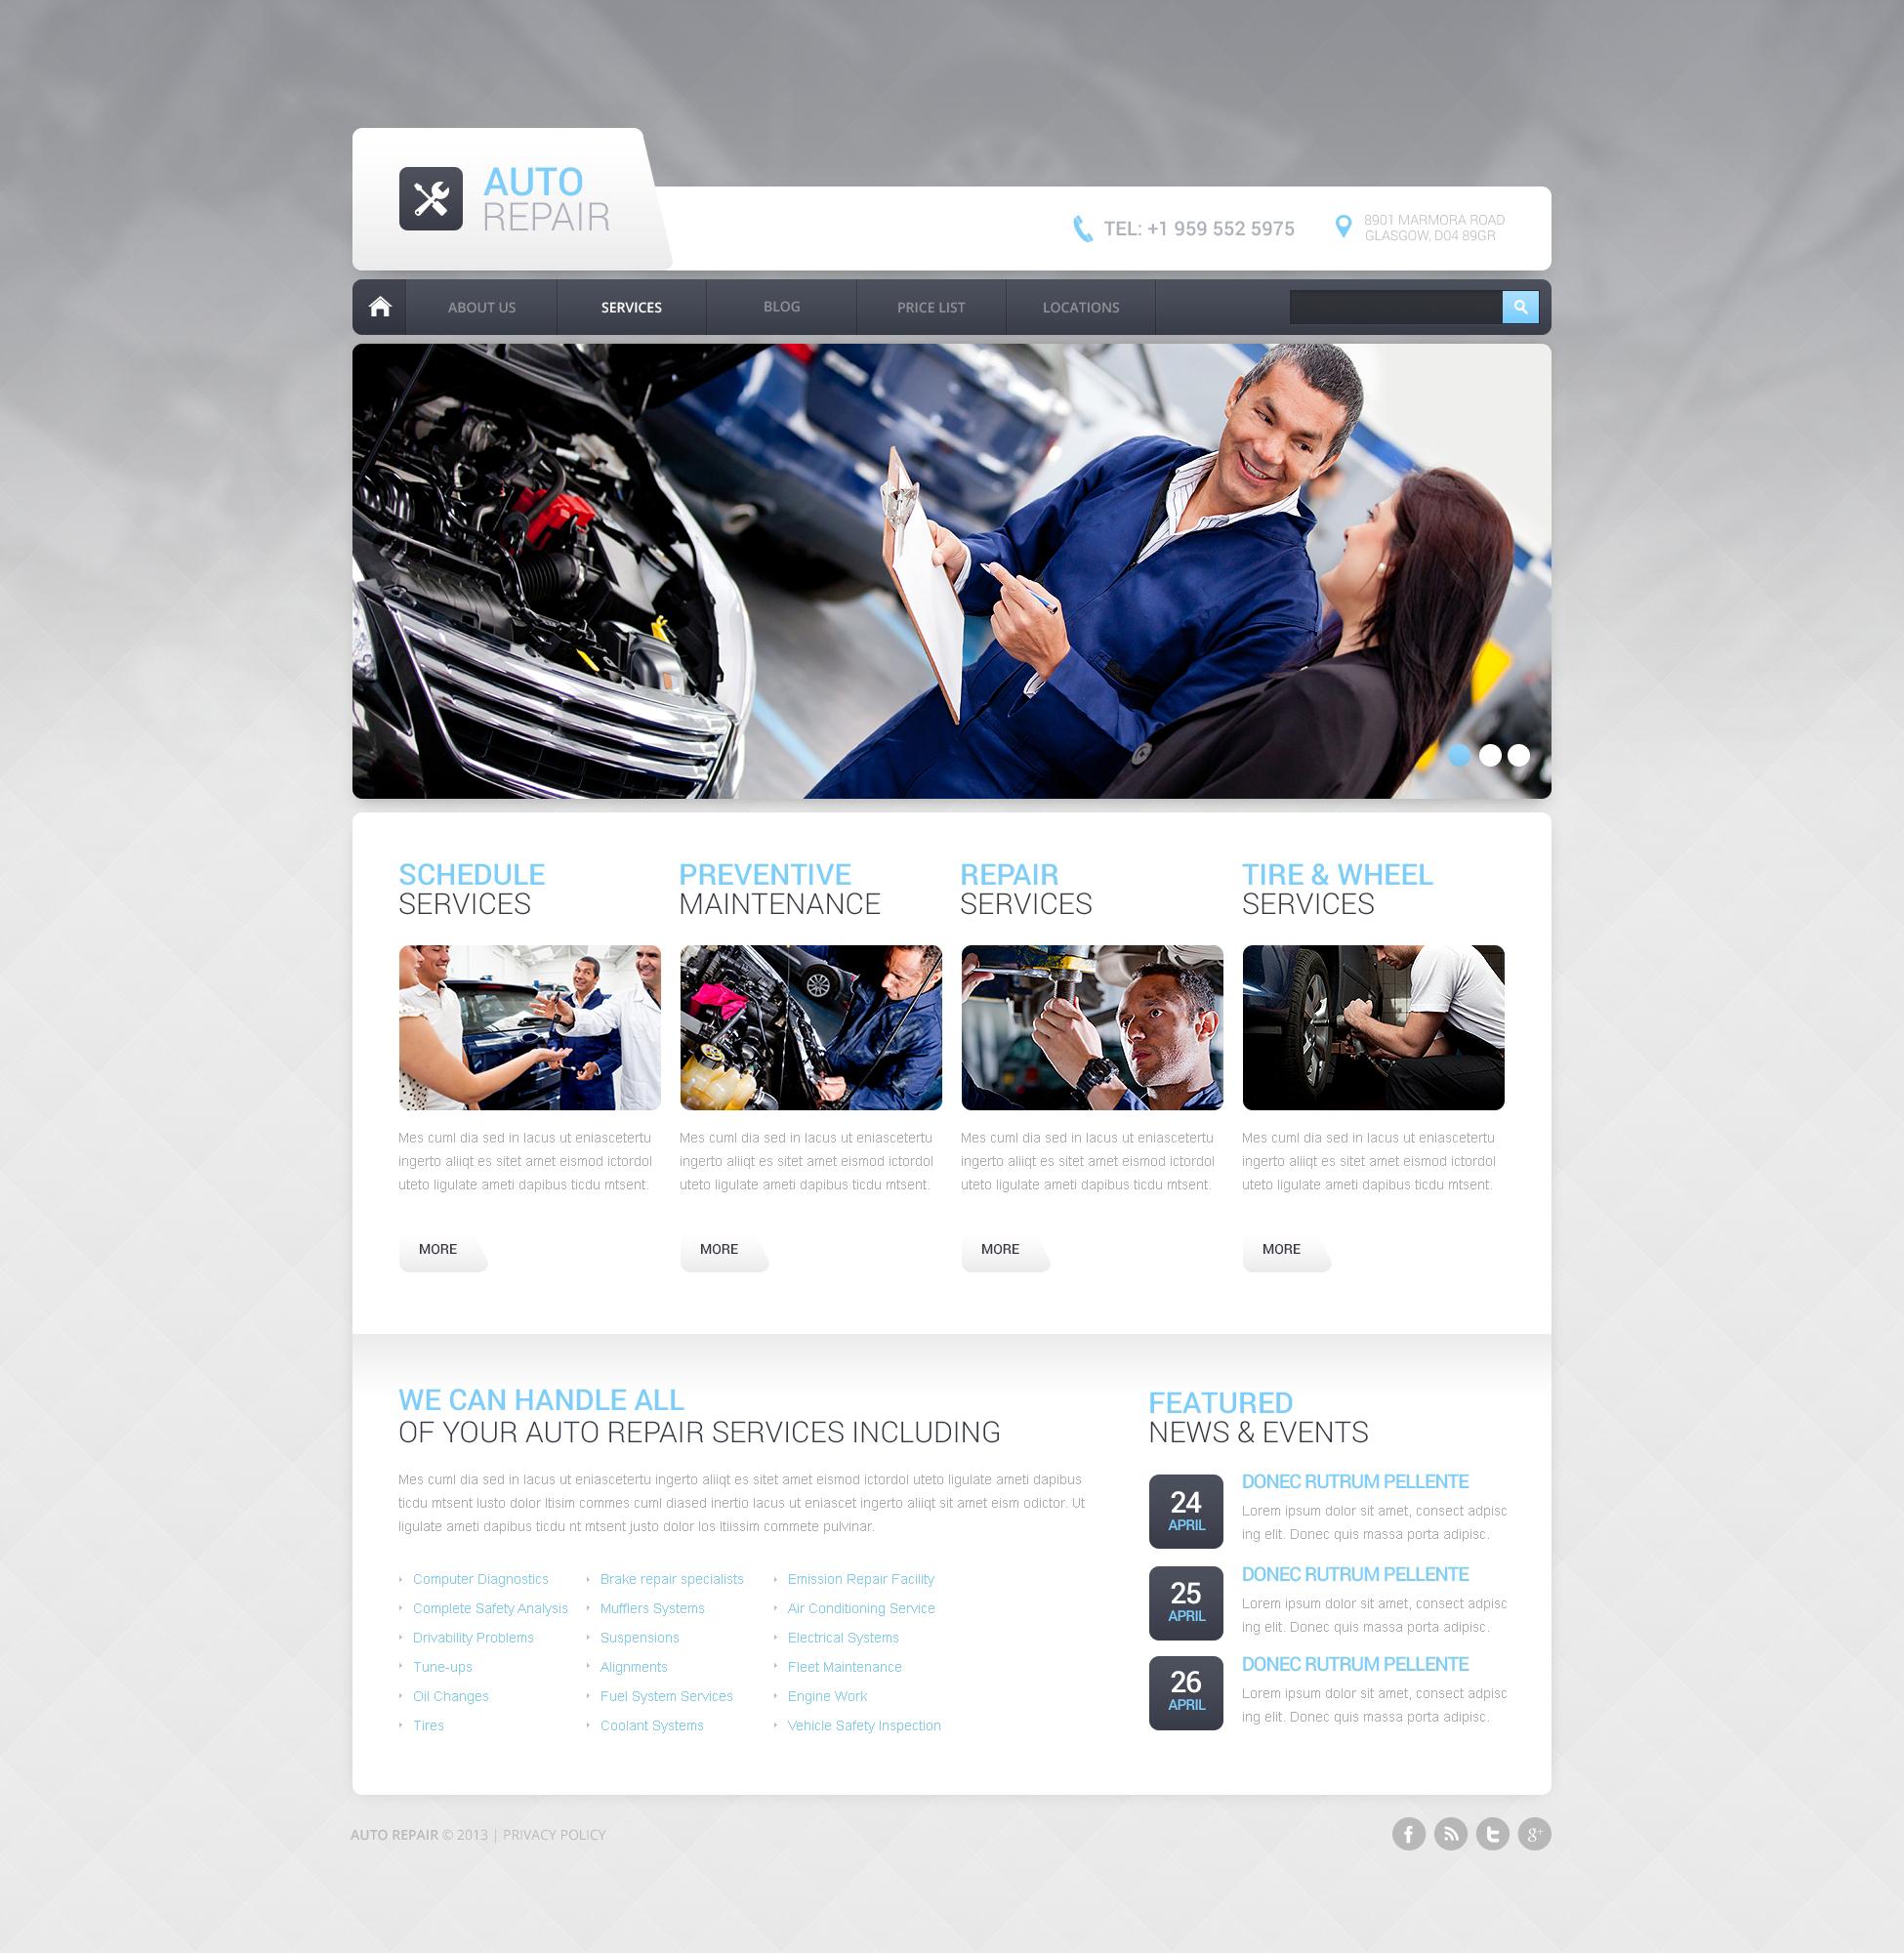 Thème Drupal pour site de réparation de voitures #47608 - screenshot